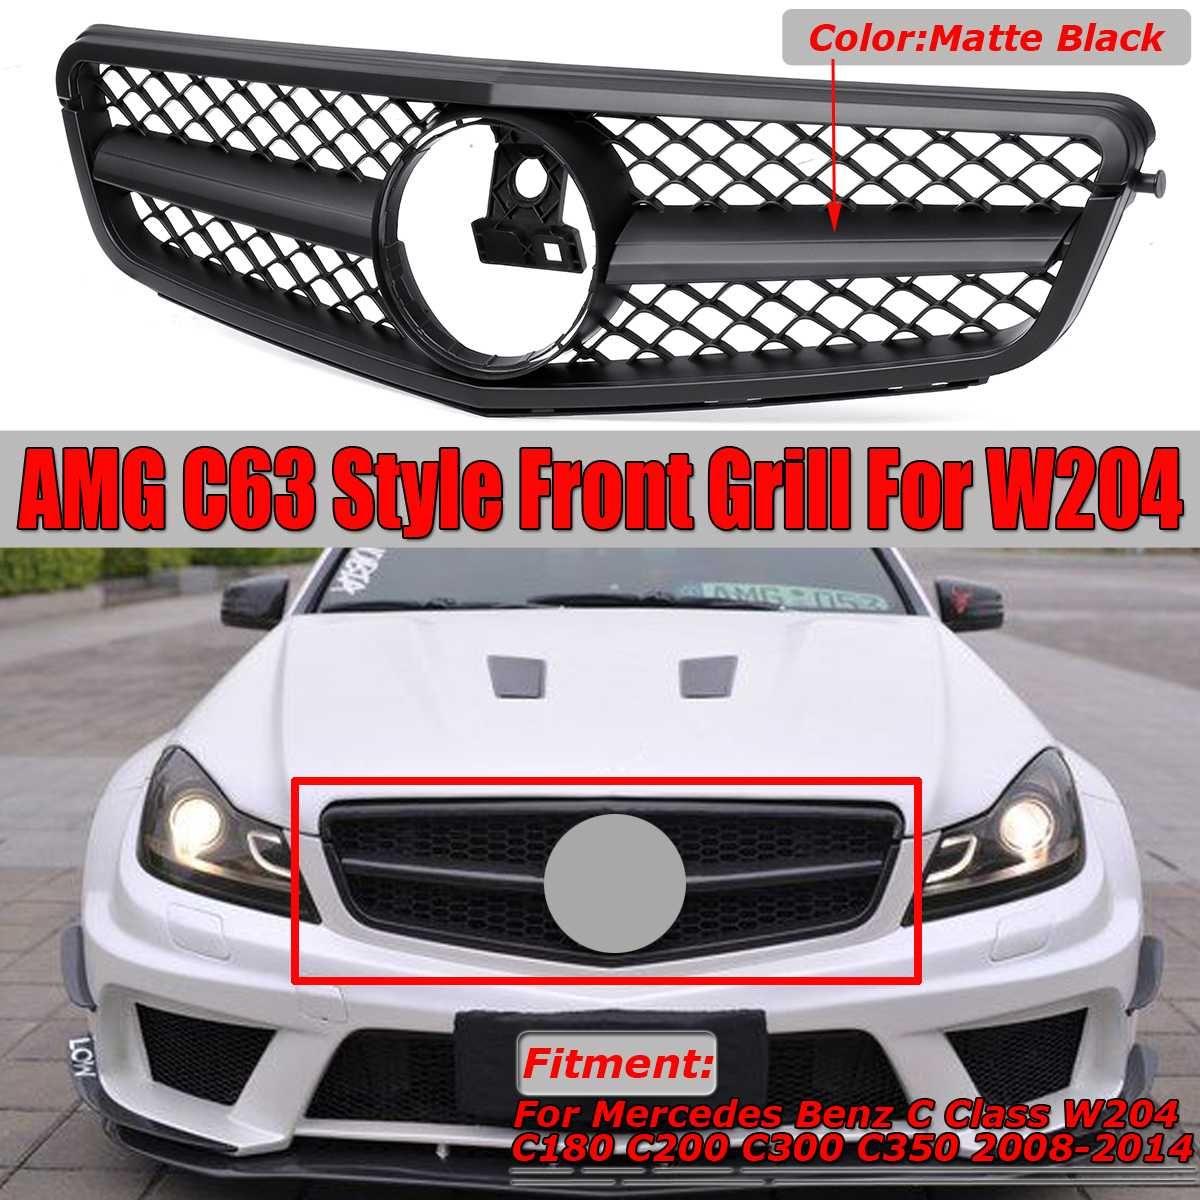 Neue C63 Für AMG Stil Auto Kühlergrill Grill Für Mercedes Für Benz C Klasse W204 C180 C200 C300 C350 2008-2014 Racing Grills